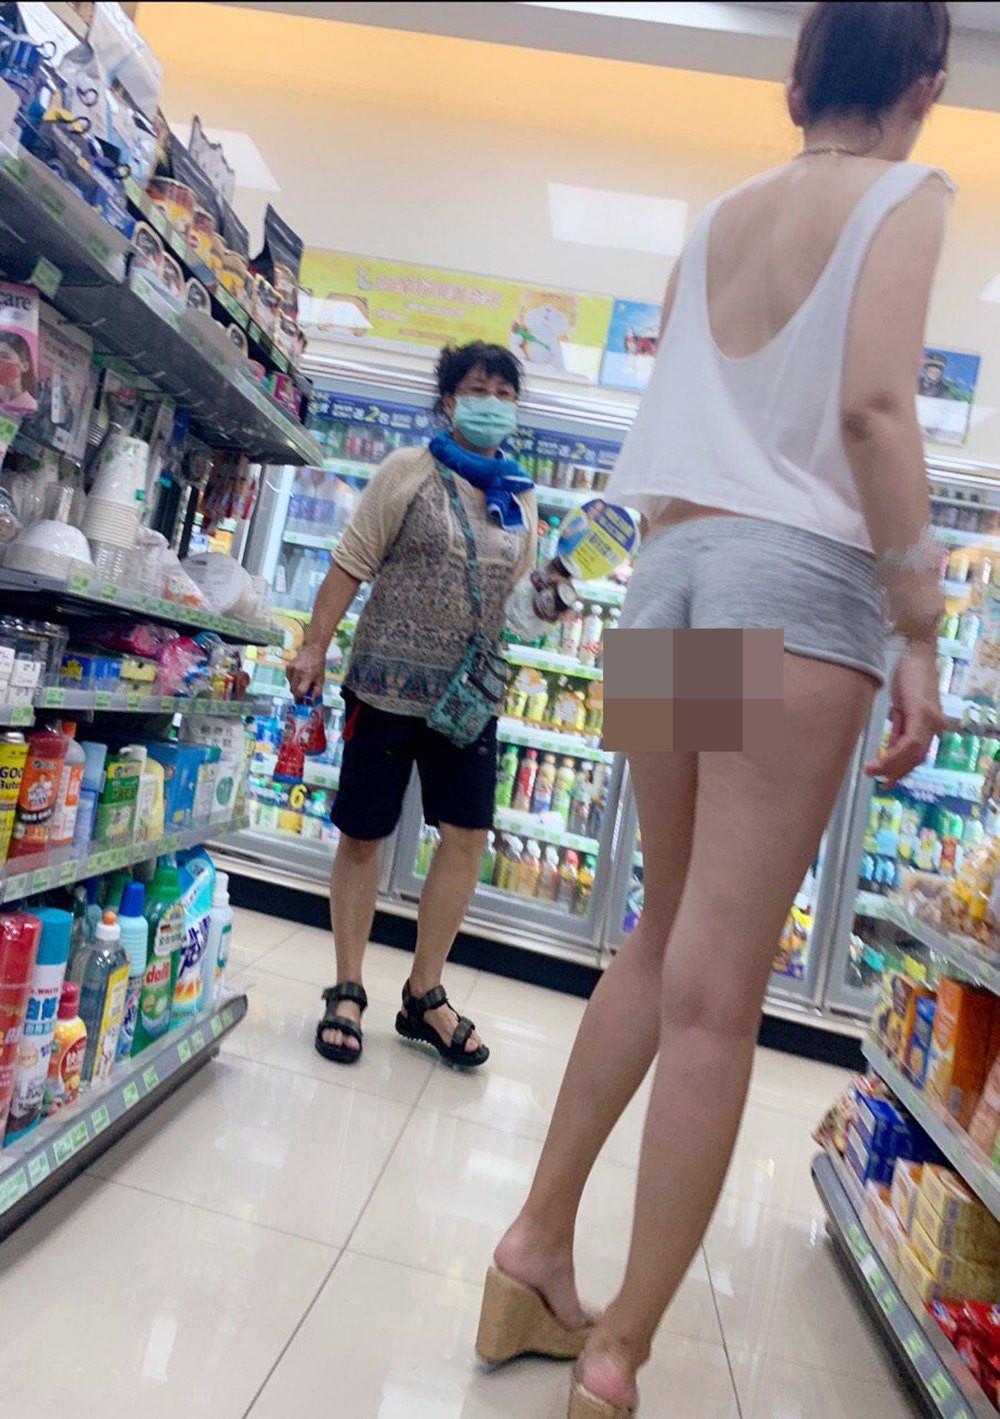 Cô gái mặc gợi cảm đến cửa hàng tiện lợi nhưng không bị chê bai vì lý do này - 10